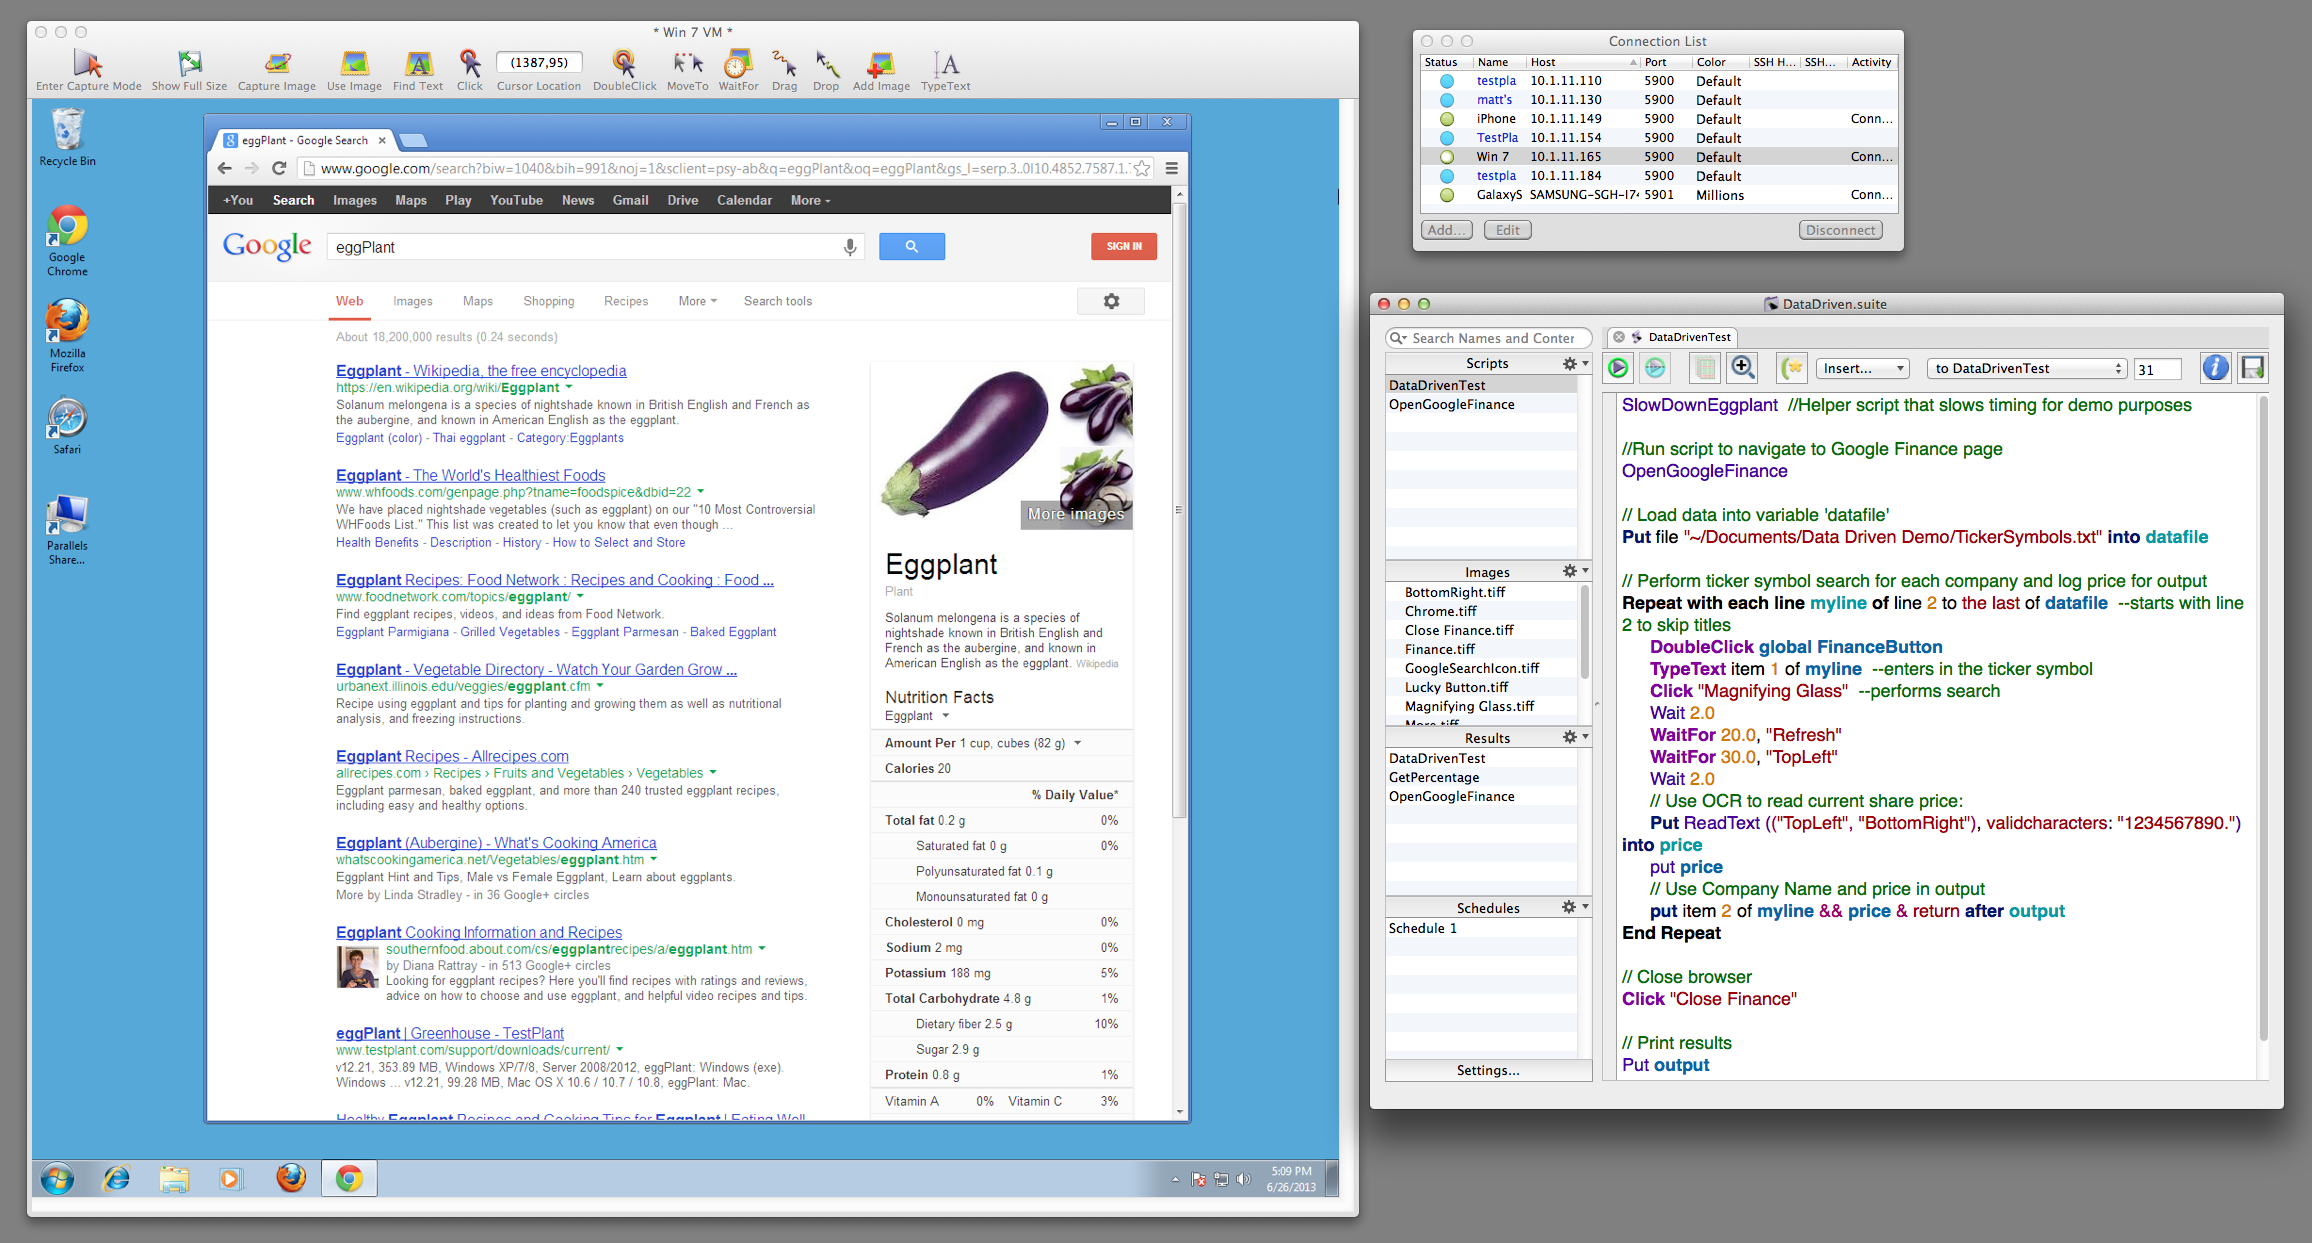 7 Best generic (image based) GUI functional test frameworks